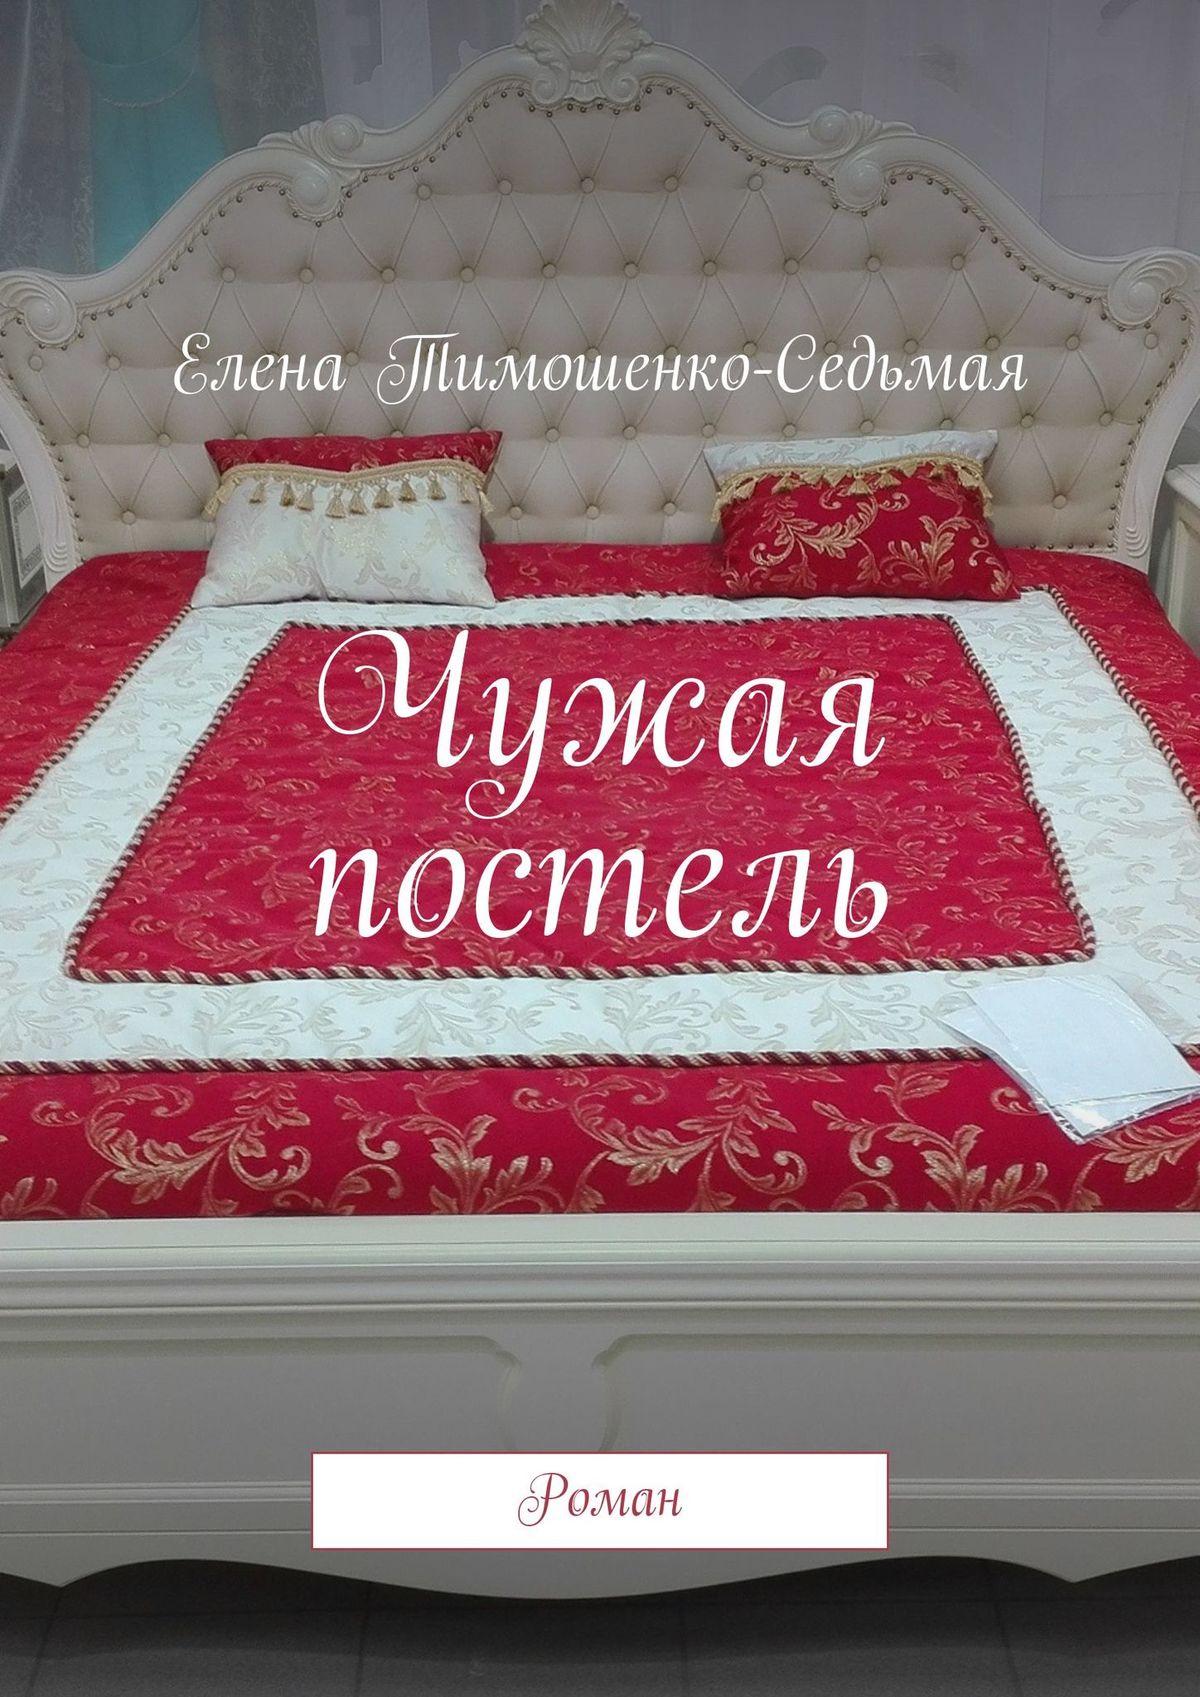 Чужая постель. Роман ( Елена Тимошенко-Седьмая  )